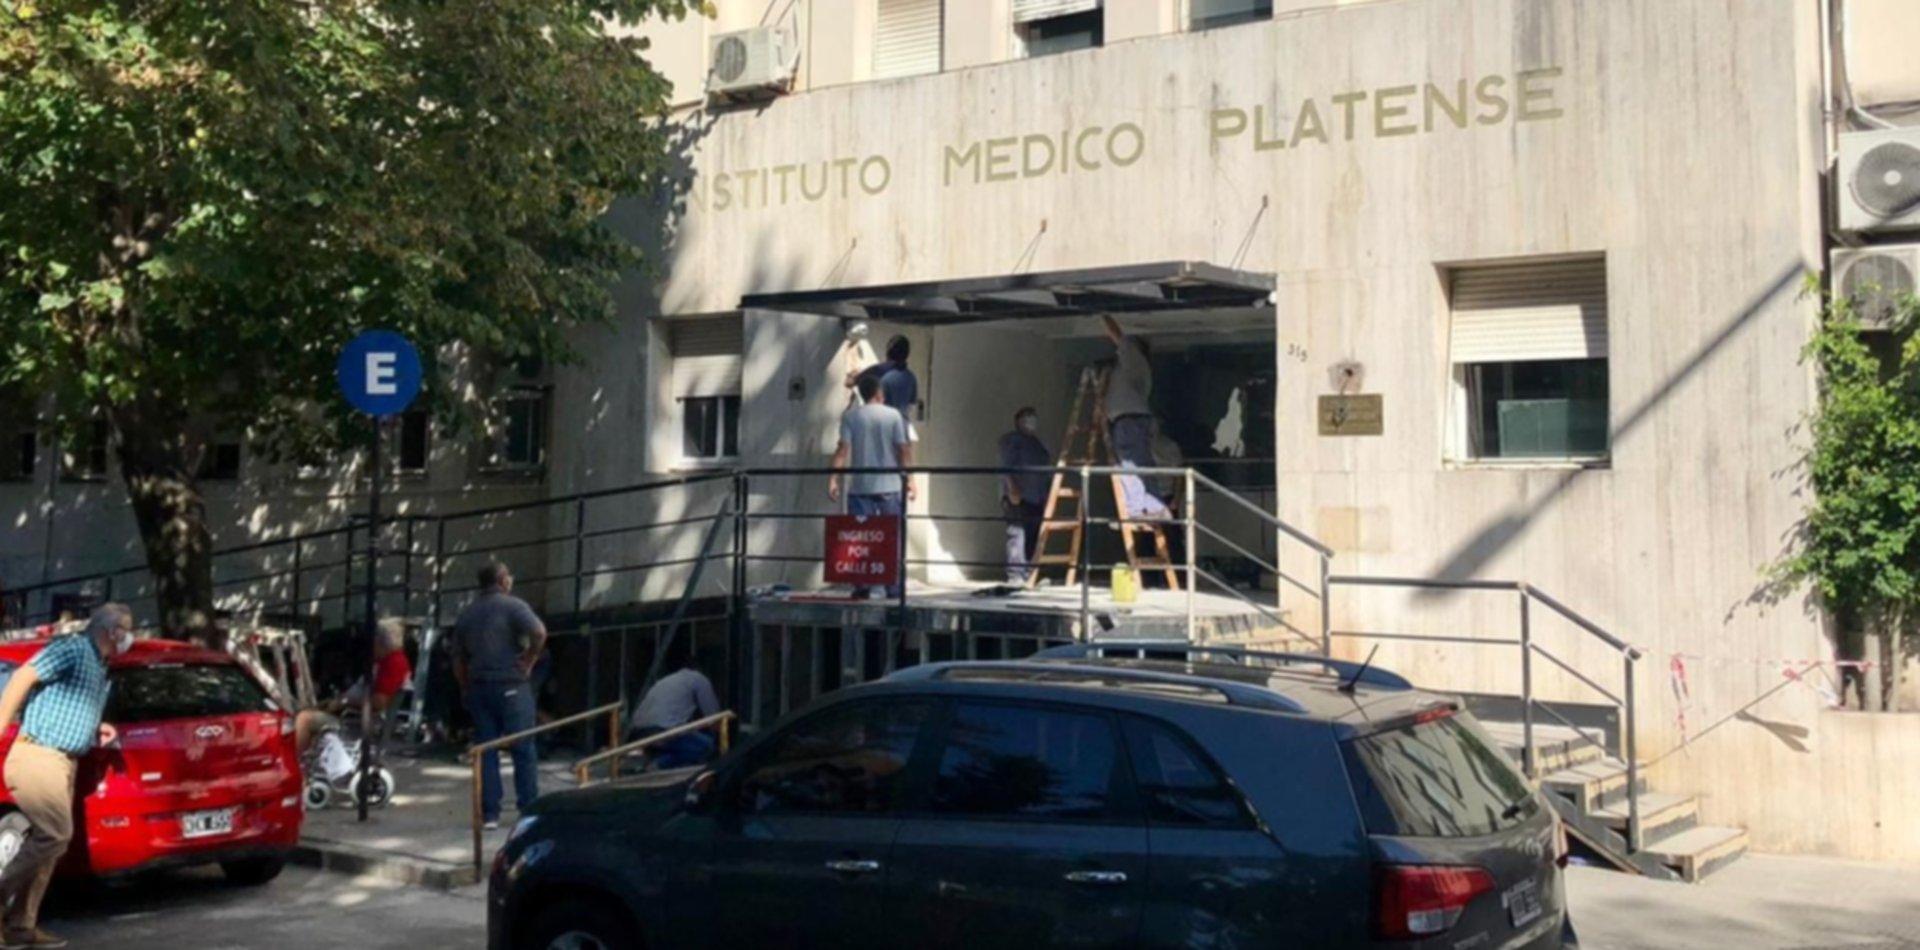 """Guardia cerrada y terapia a """"cama caliente"""": así funciona el Instituto Médico Platense"""